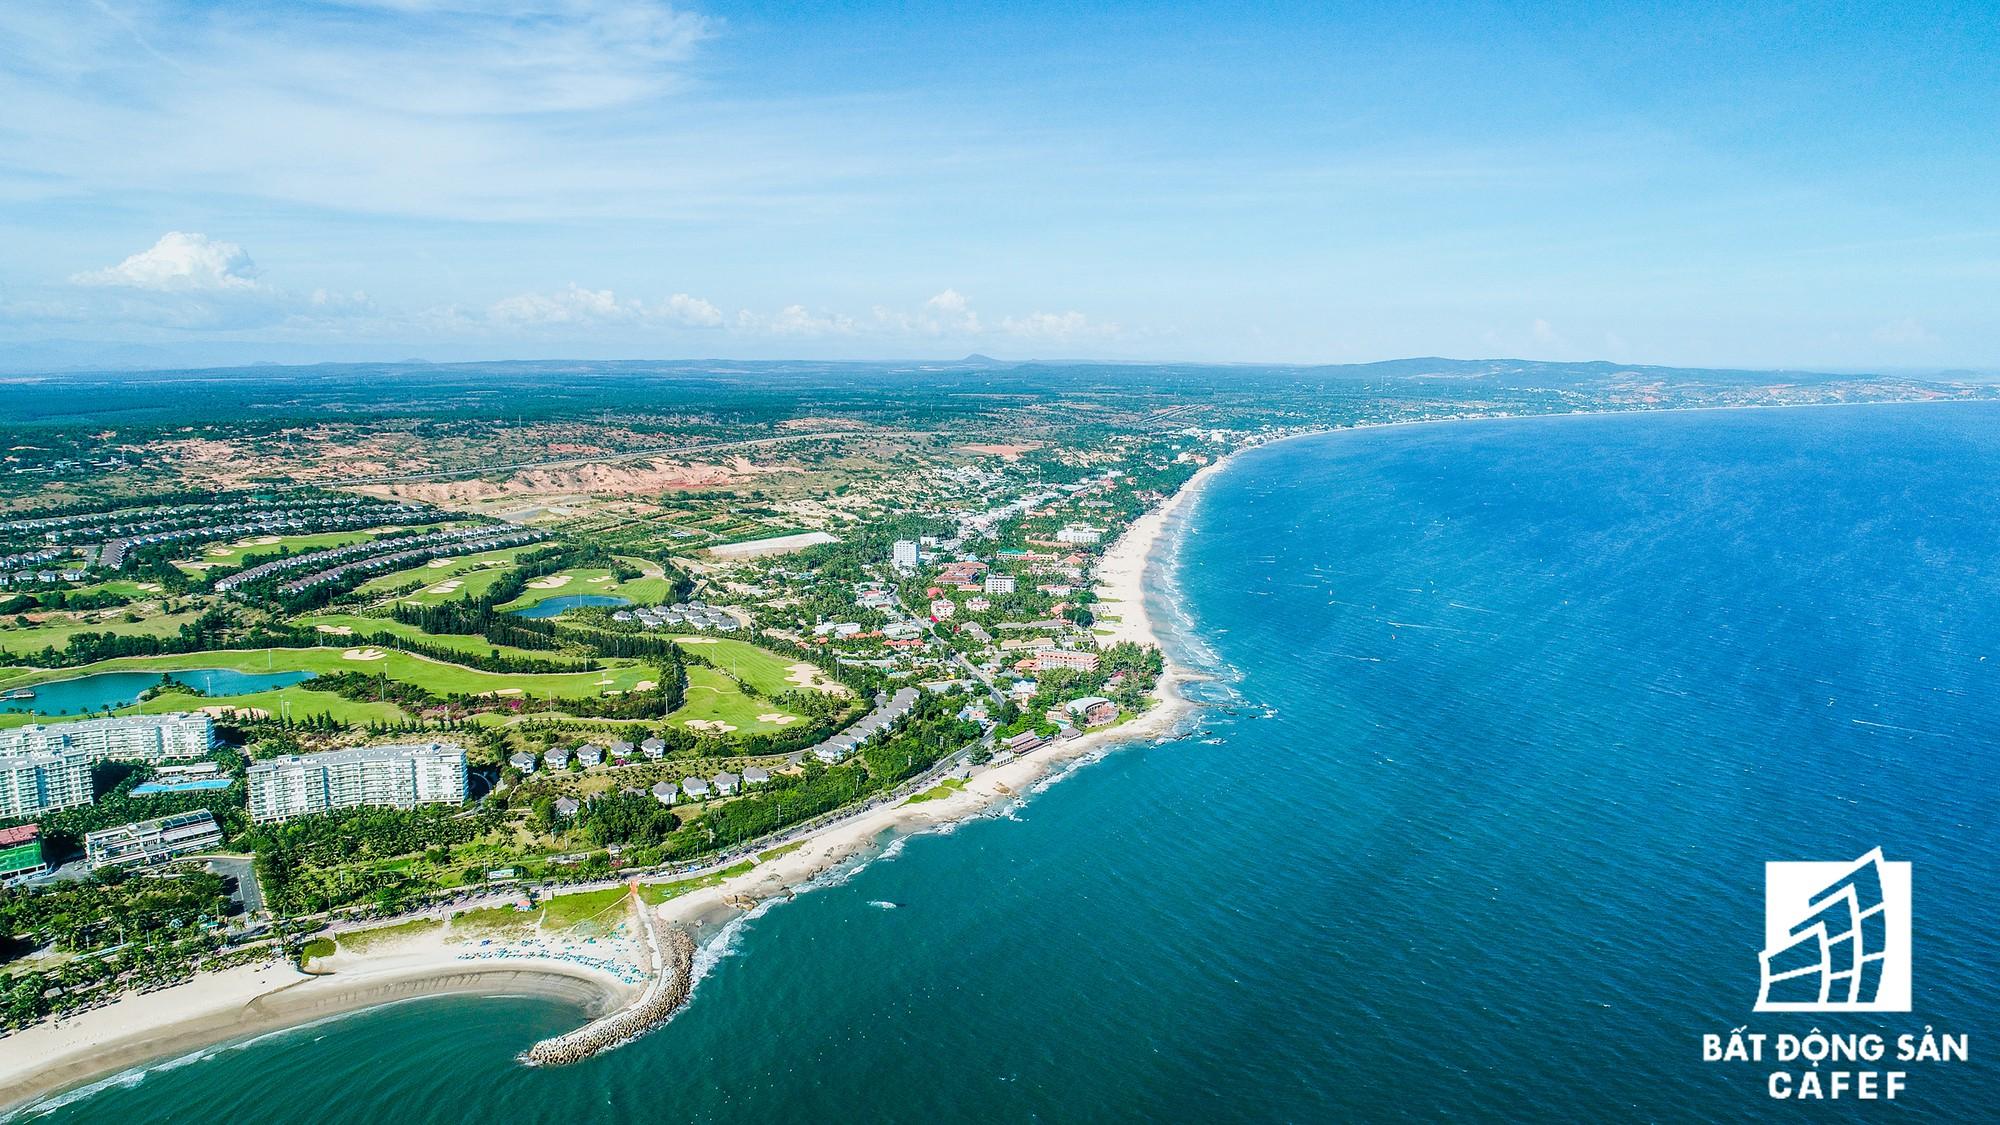 Quy hoạch thành khu du lịch quốc gia, dải ven biển này đang đón dòng vốn hàng tỷ USD, giá đất tăng chóng mặt - Ảnh 29.